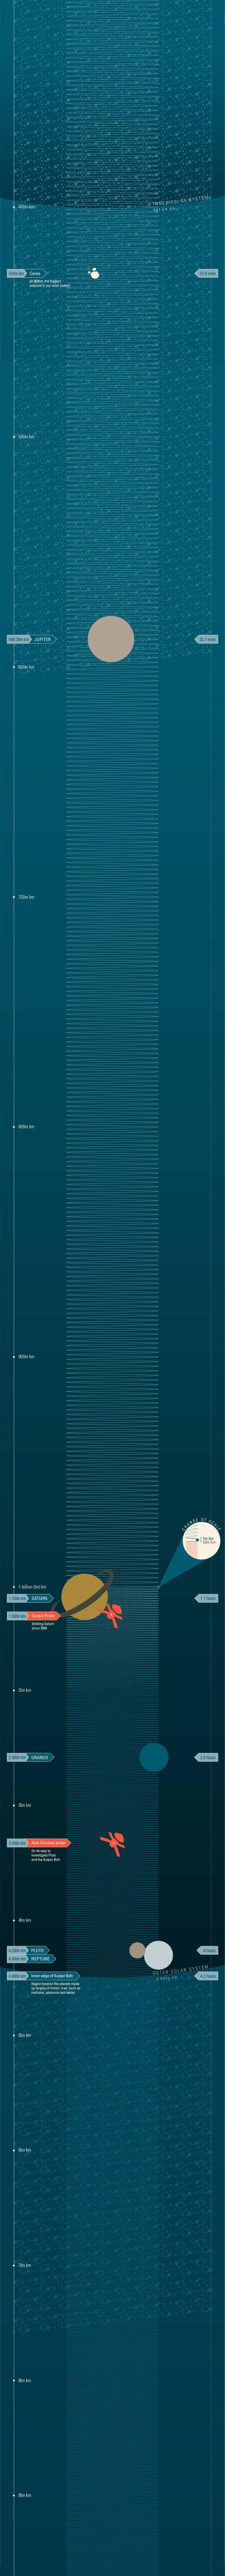 El sistema solar a escala (IV)